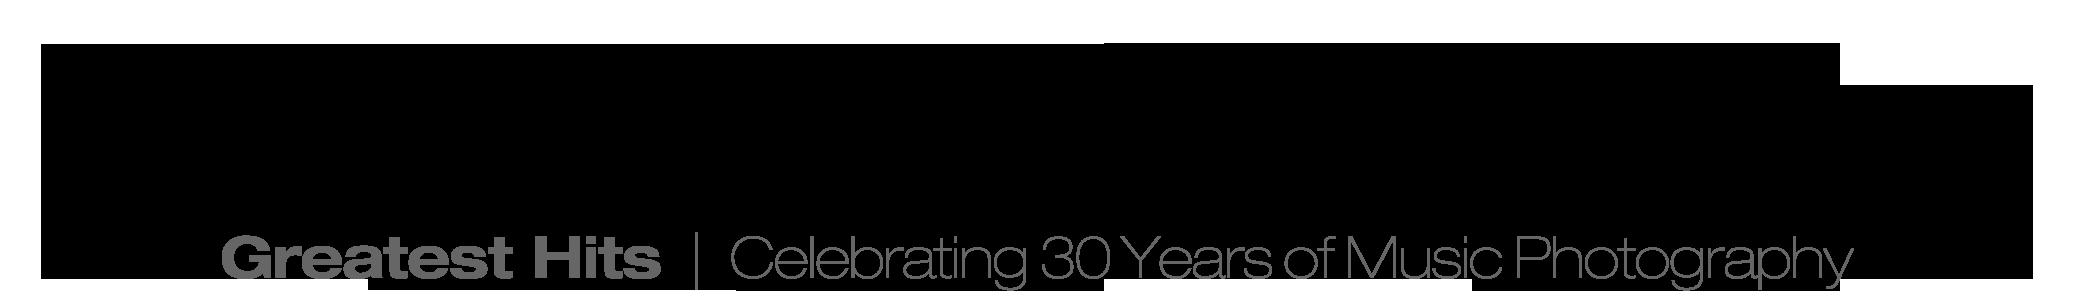 Chris Cuffaro Retina Logo